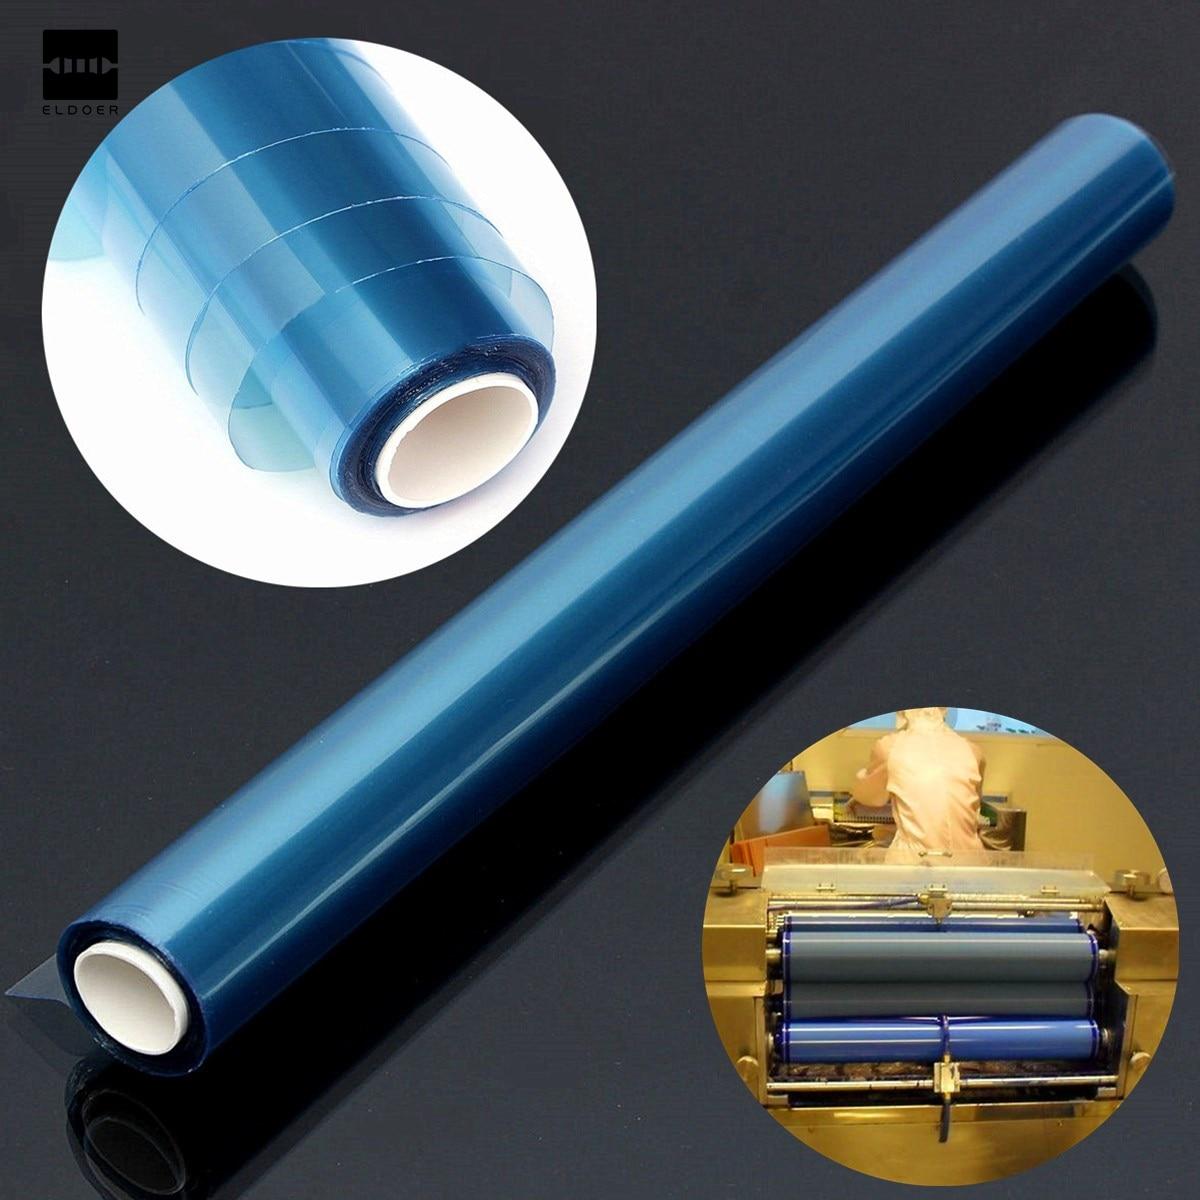 PCB Venta caliente seca fotosensible portable Películas para la producción de circuitos fotoprotector Sábanas 30 cm x 5 m componentes electrónicos